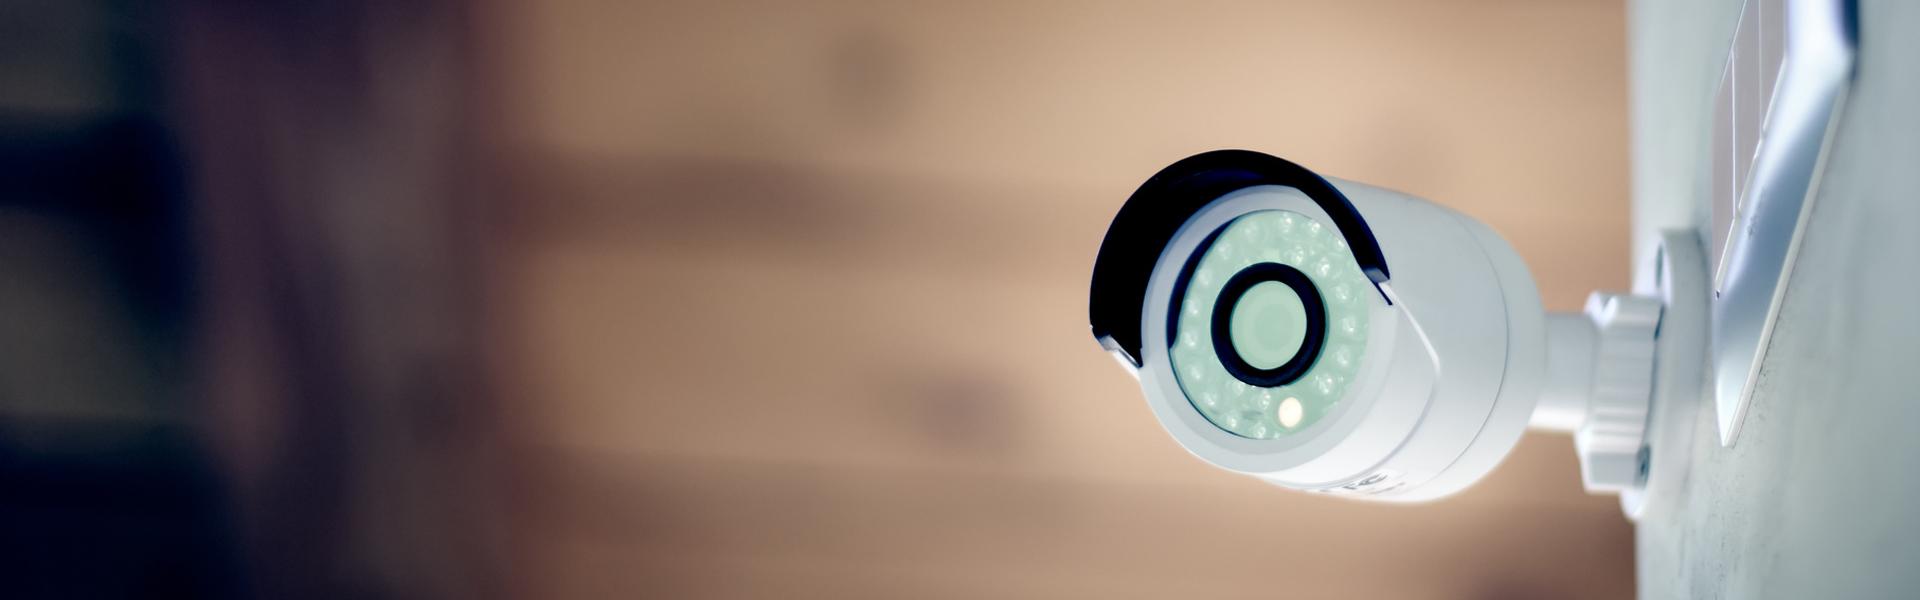 electricit g n rale mise aux normes maintenace d pannage sarcelles argenteuil pontoise. Black Bedroom Furniture Sets. Home Design Ideas